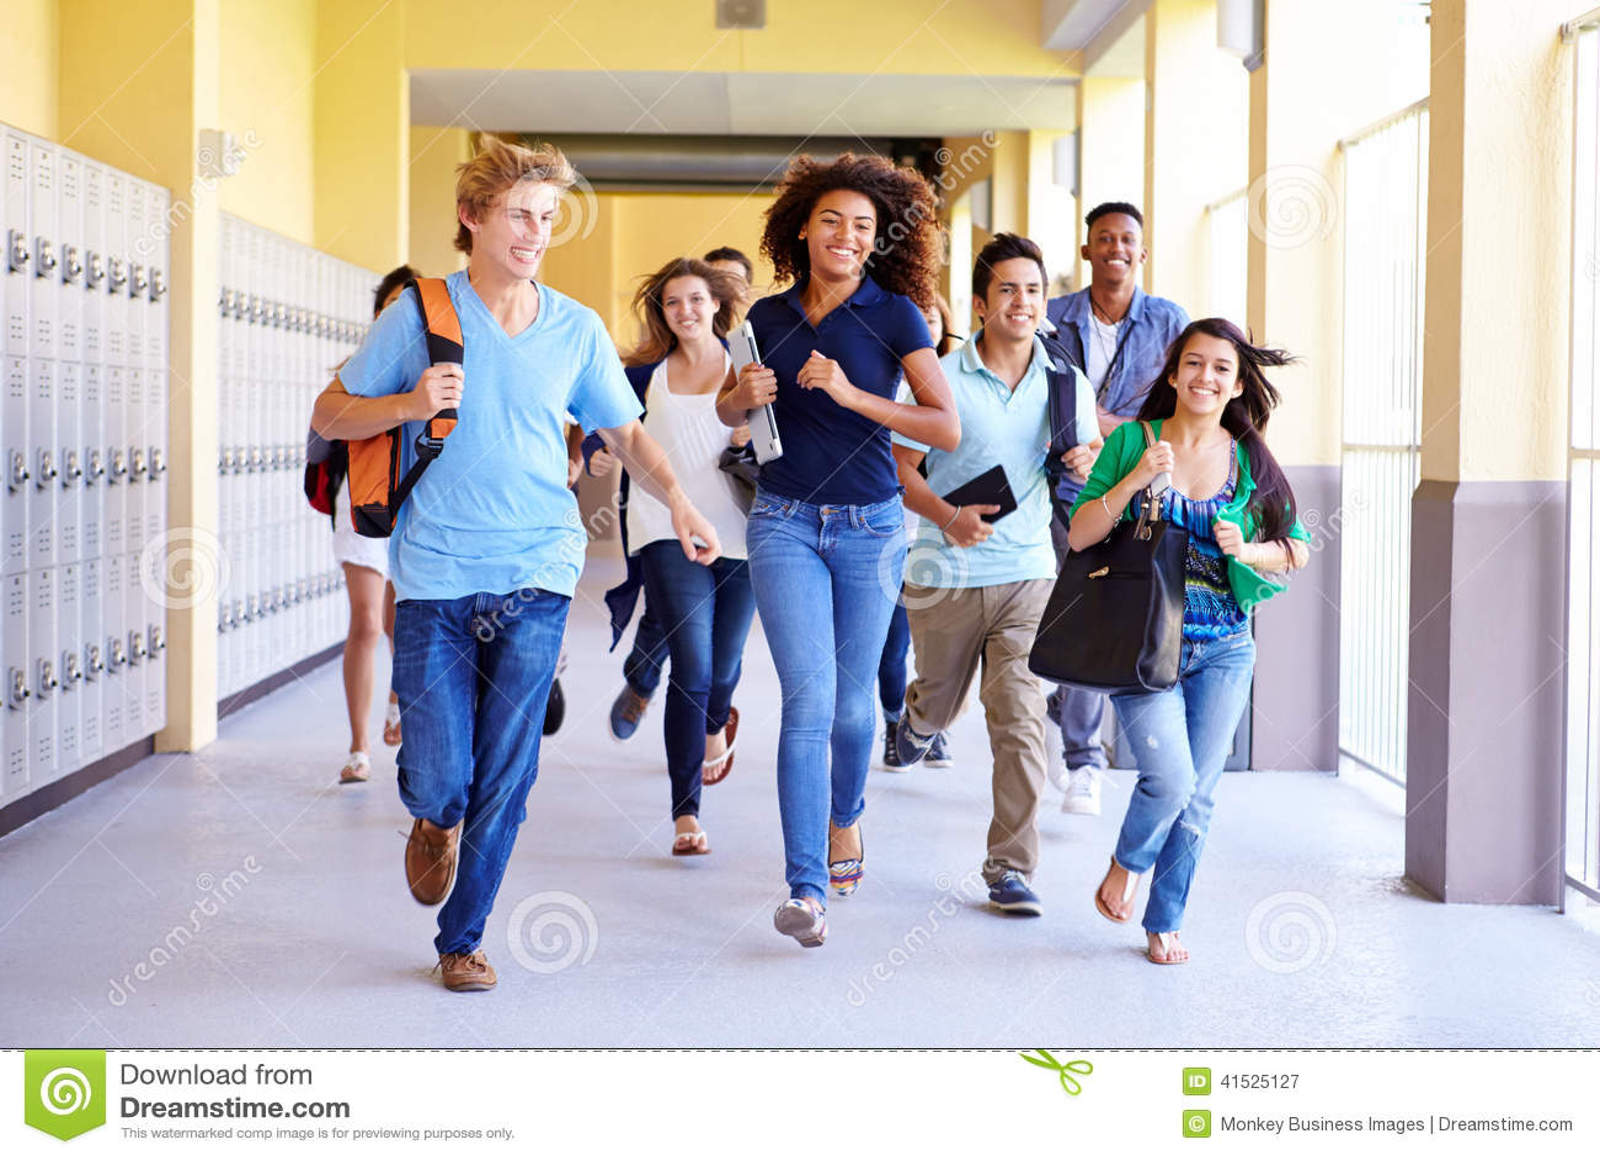 Gruppo di studenti della High School che si dirigono in corridoio